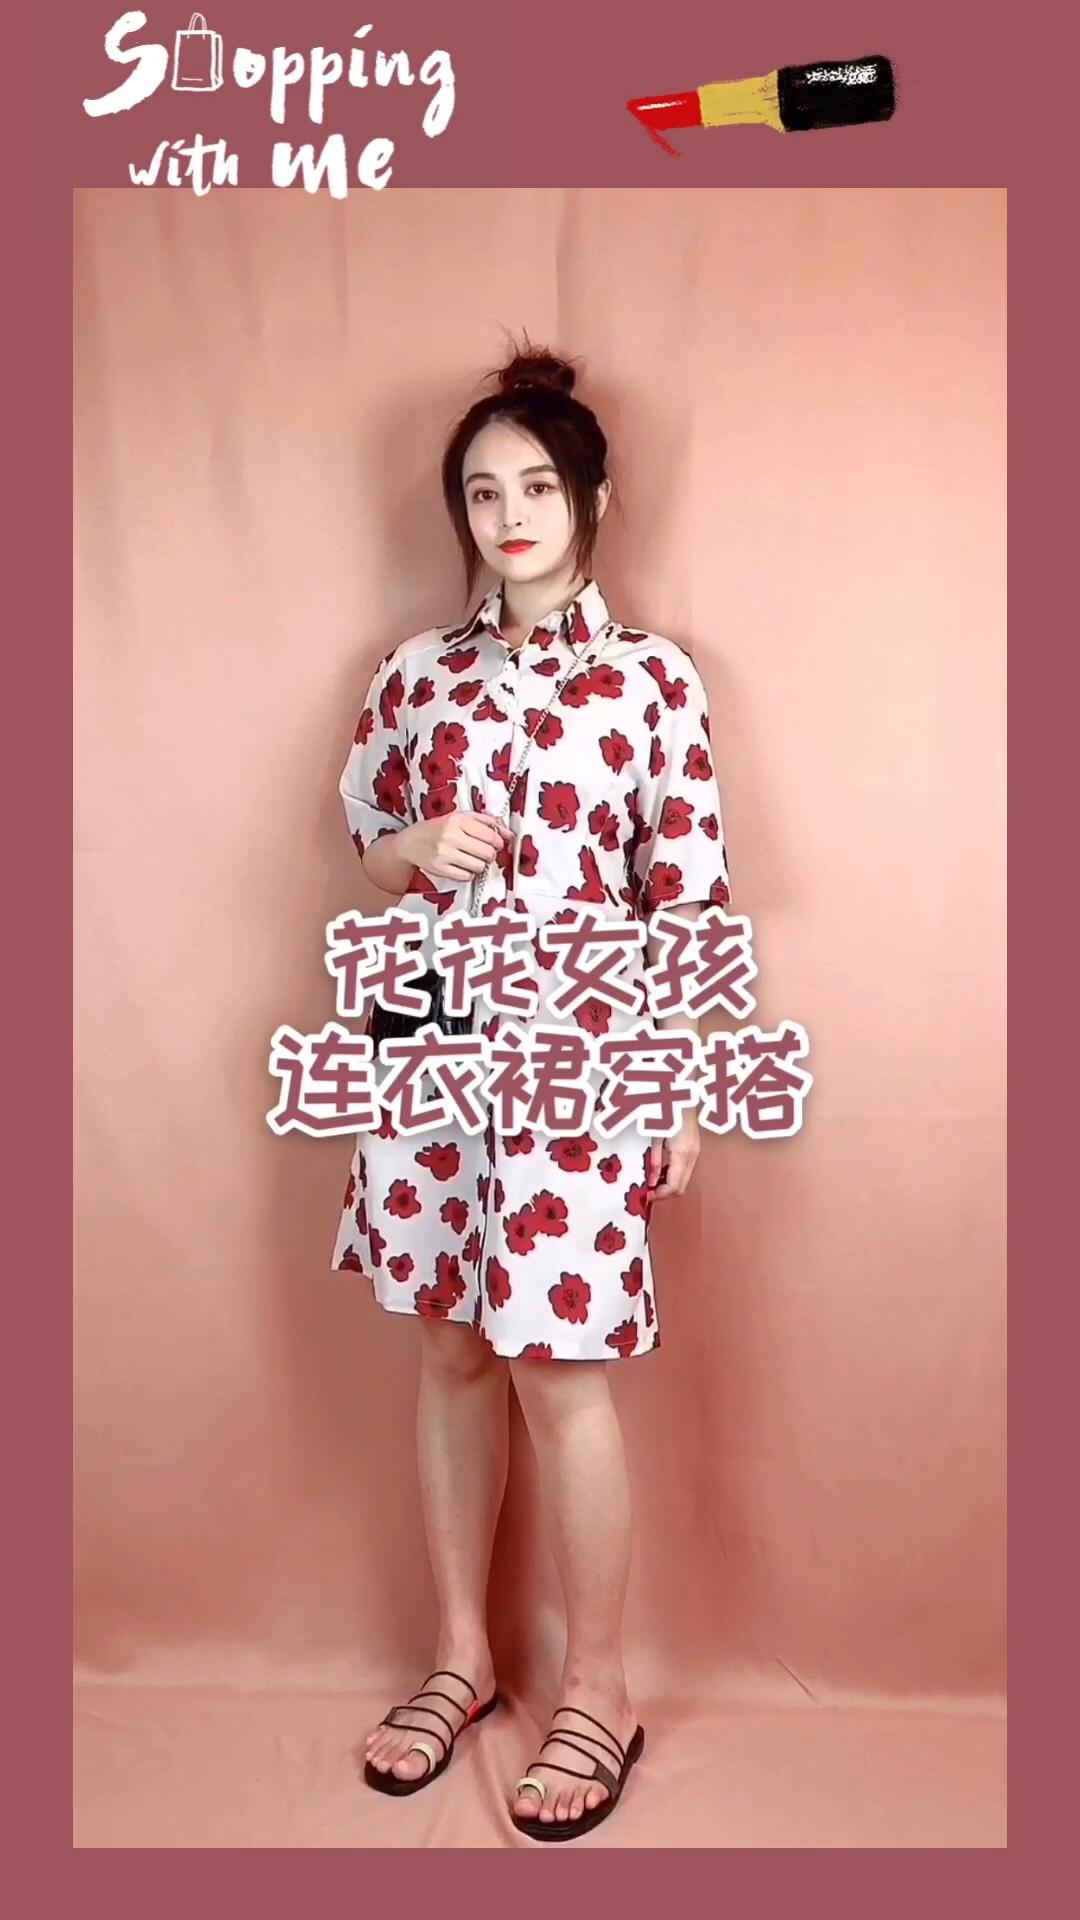 充满夏日清甜的花朵连衣裙是少女无法抗拒的小可爱。衬衫领会显得更精神,整条连衣裙版型宽松,不挑身材。清凉飘逸的雪纺面料,很适合夏天。红白撞色,很有视觉冲击。扣子很精致,花朵形状的贝壳扣,和裙子印花正好配对。 #微胖梨形妹,帮你一遮到位!#